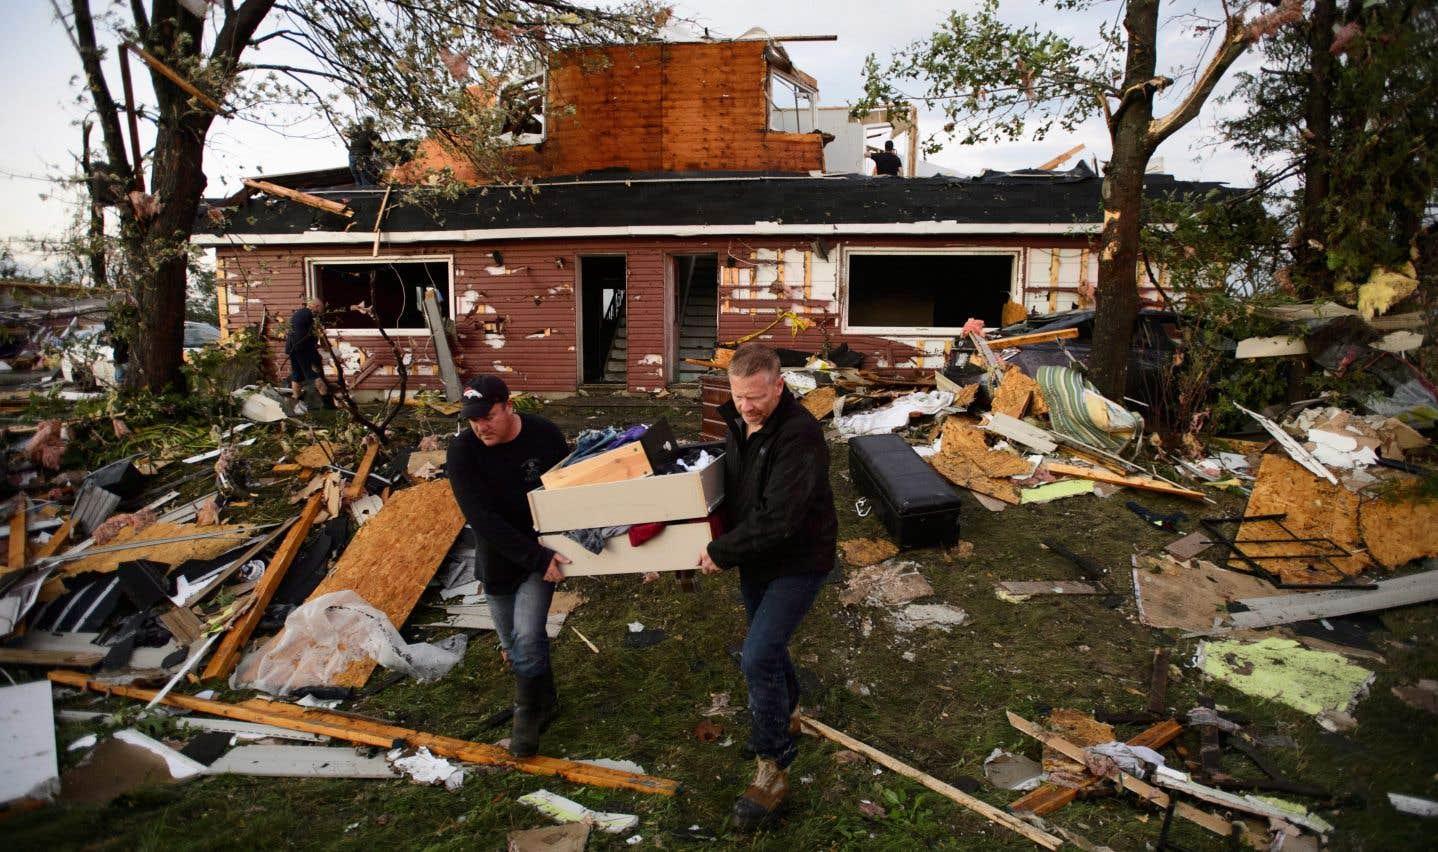 Des gens ramassent des effets personnels dans leur maison endommagée après le passage d'une tornade à Dunrobin, en Ontario, à l'ouest d'Ottawa, le vendredi 21 septembre 2018.